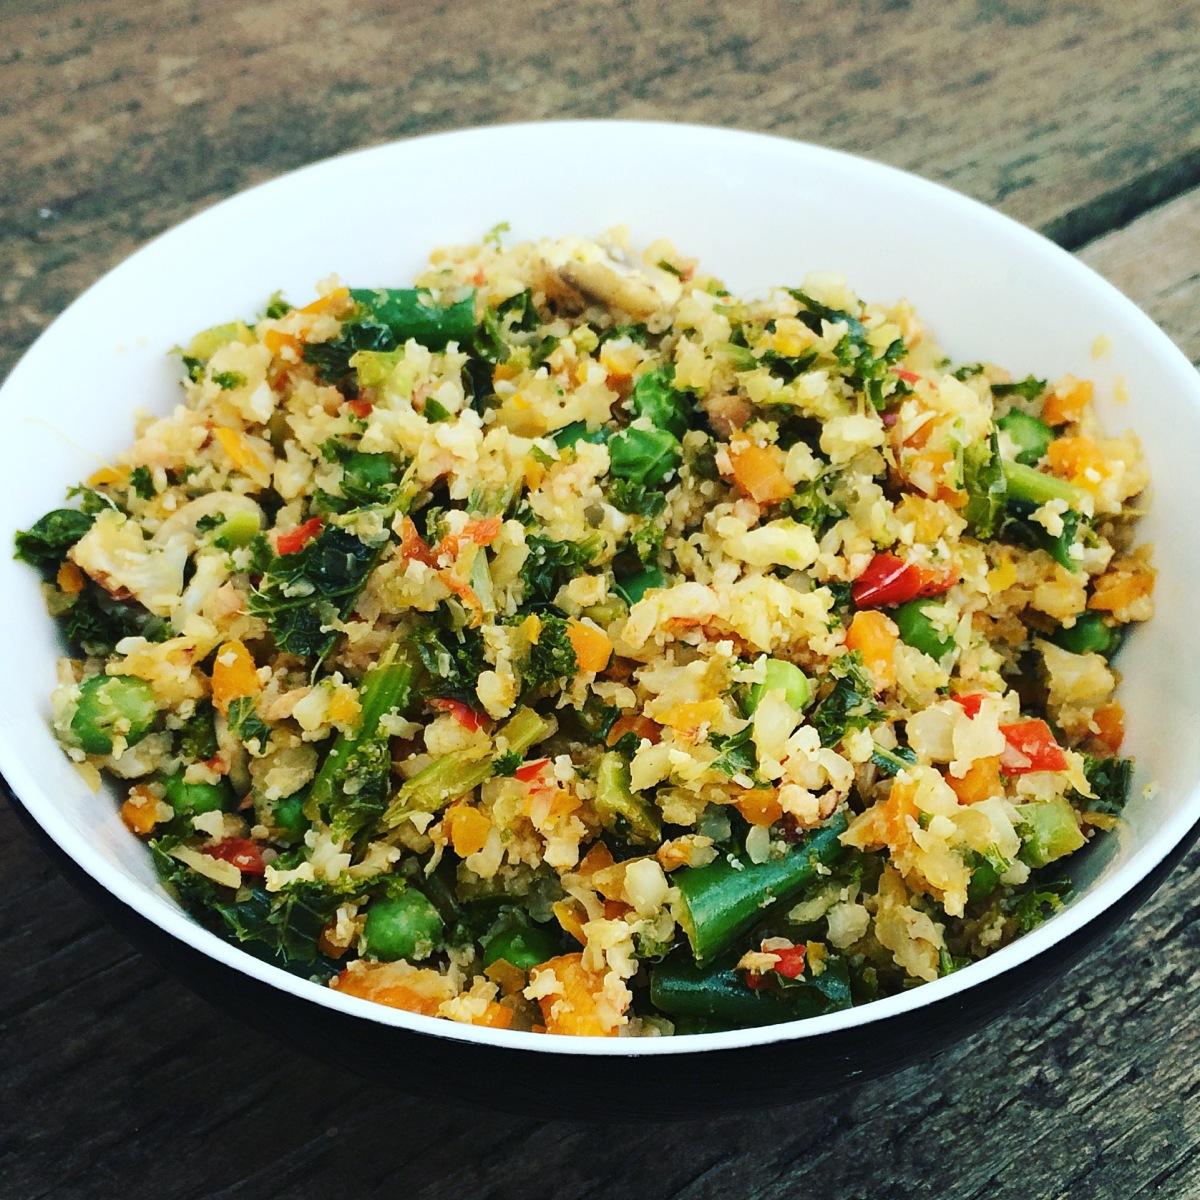 The Kitchen Cauliflower Rice Recipe